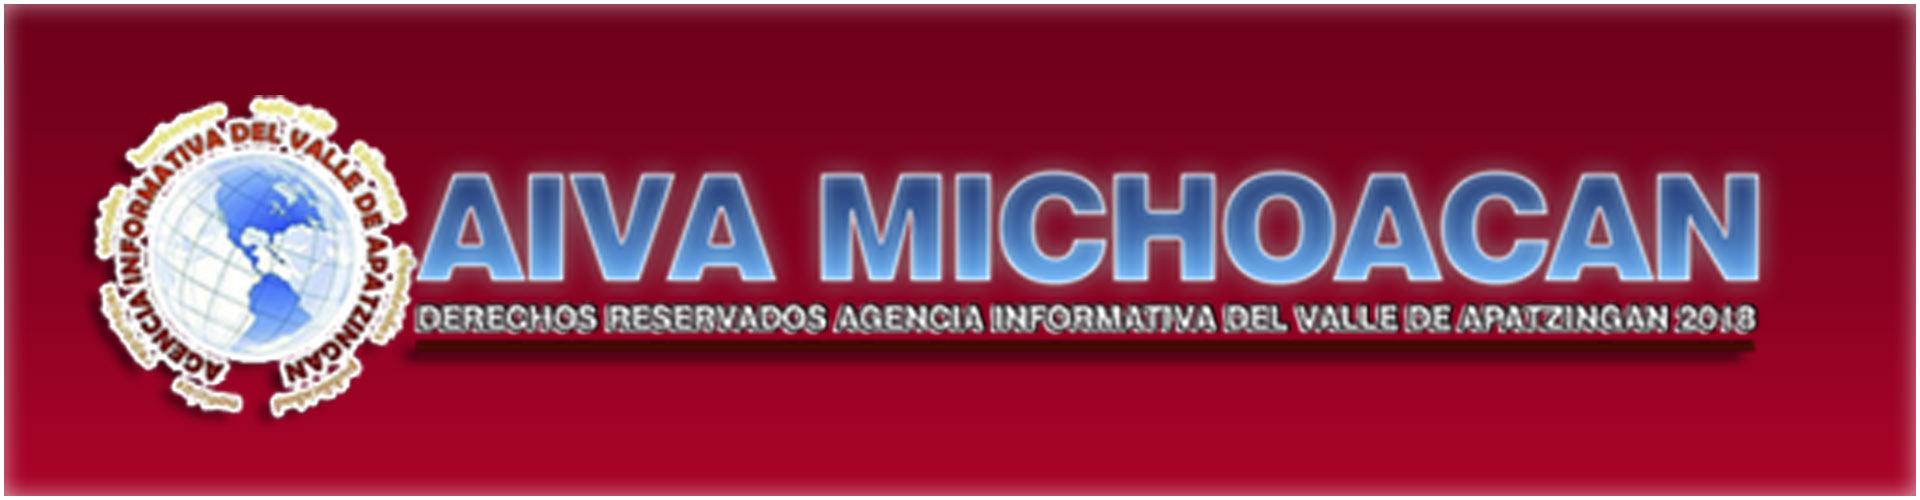 AIVA Michoacan